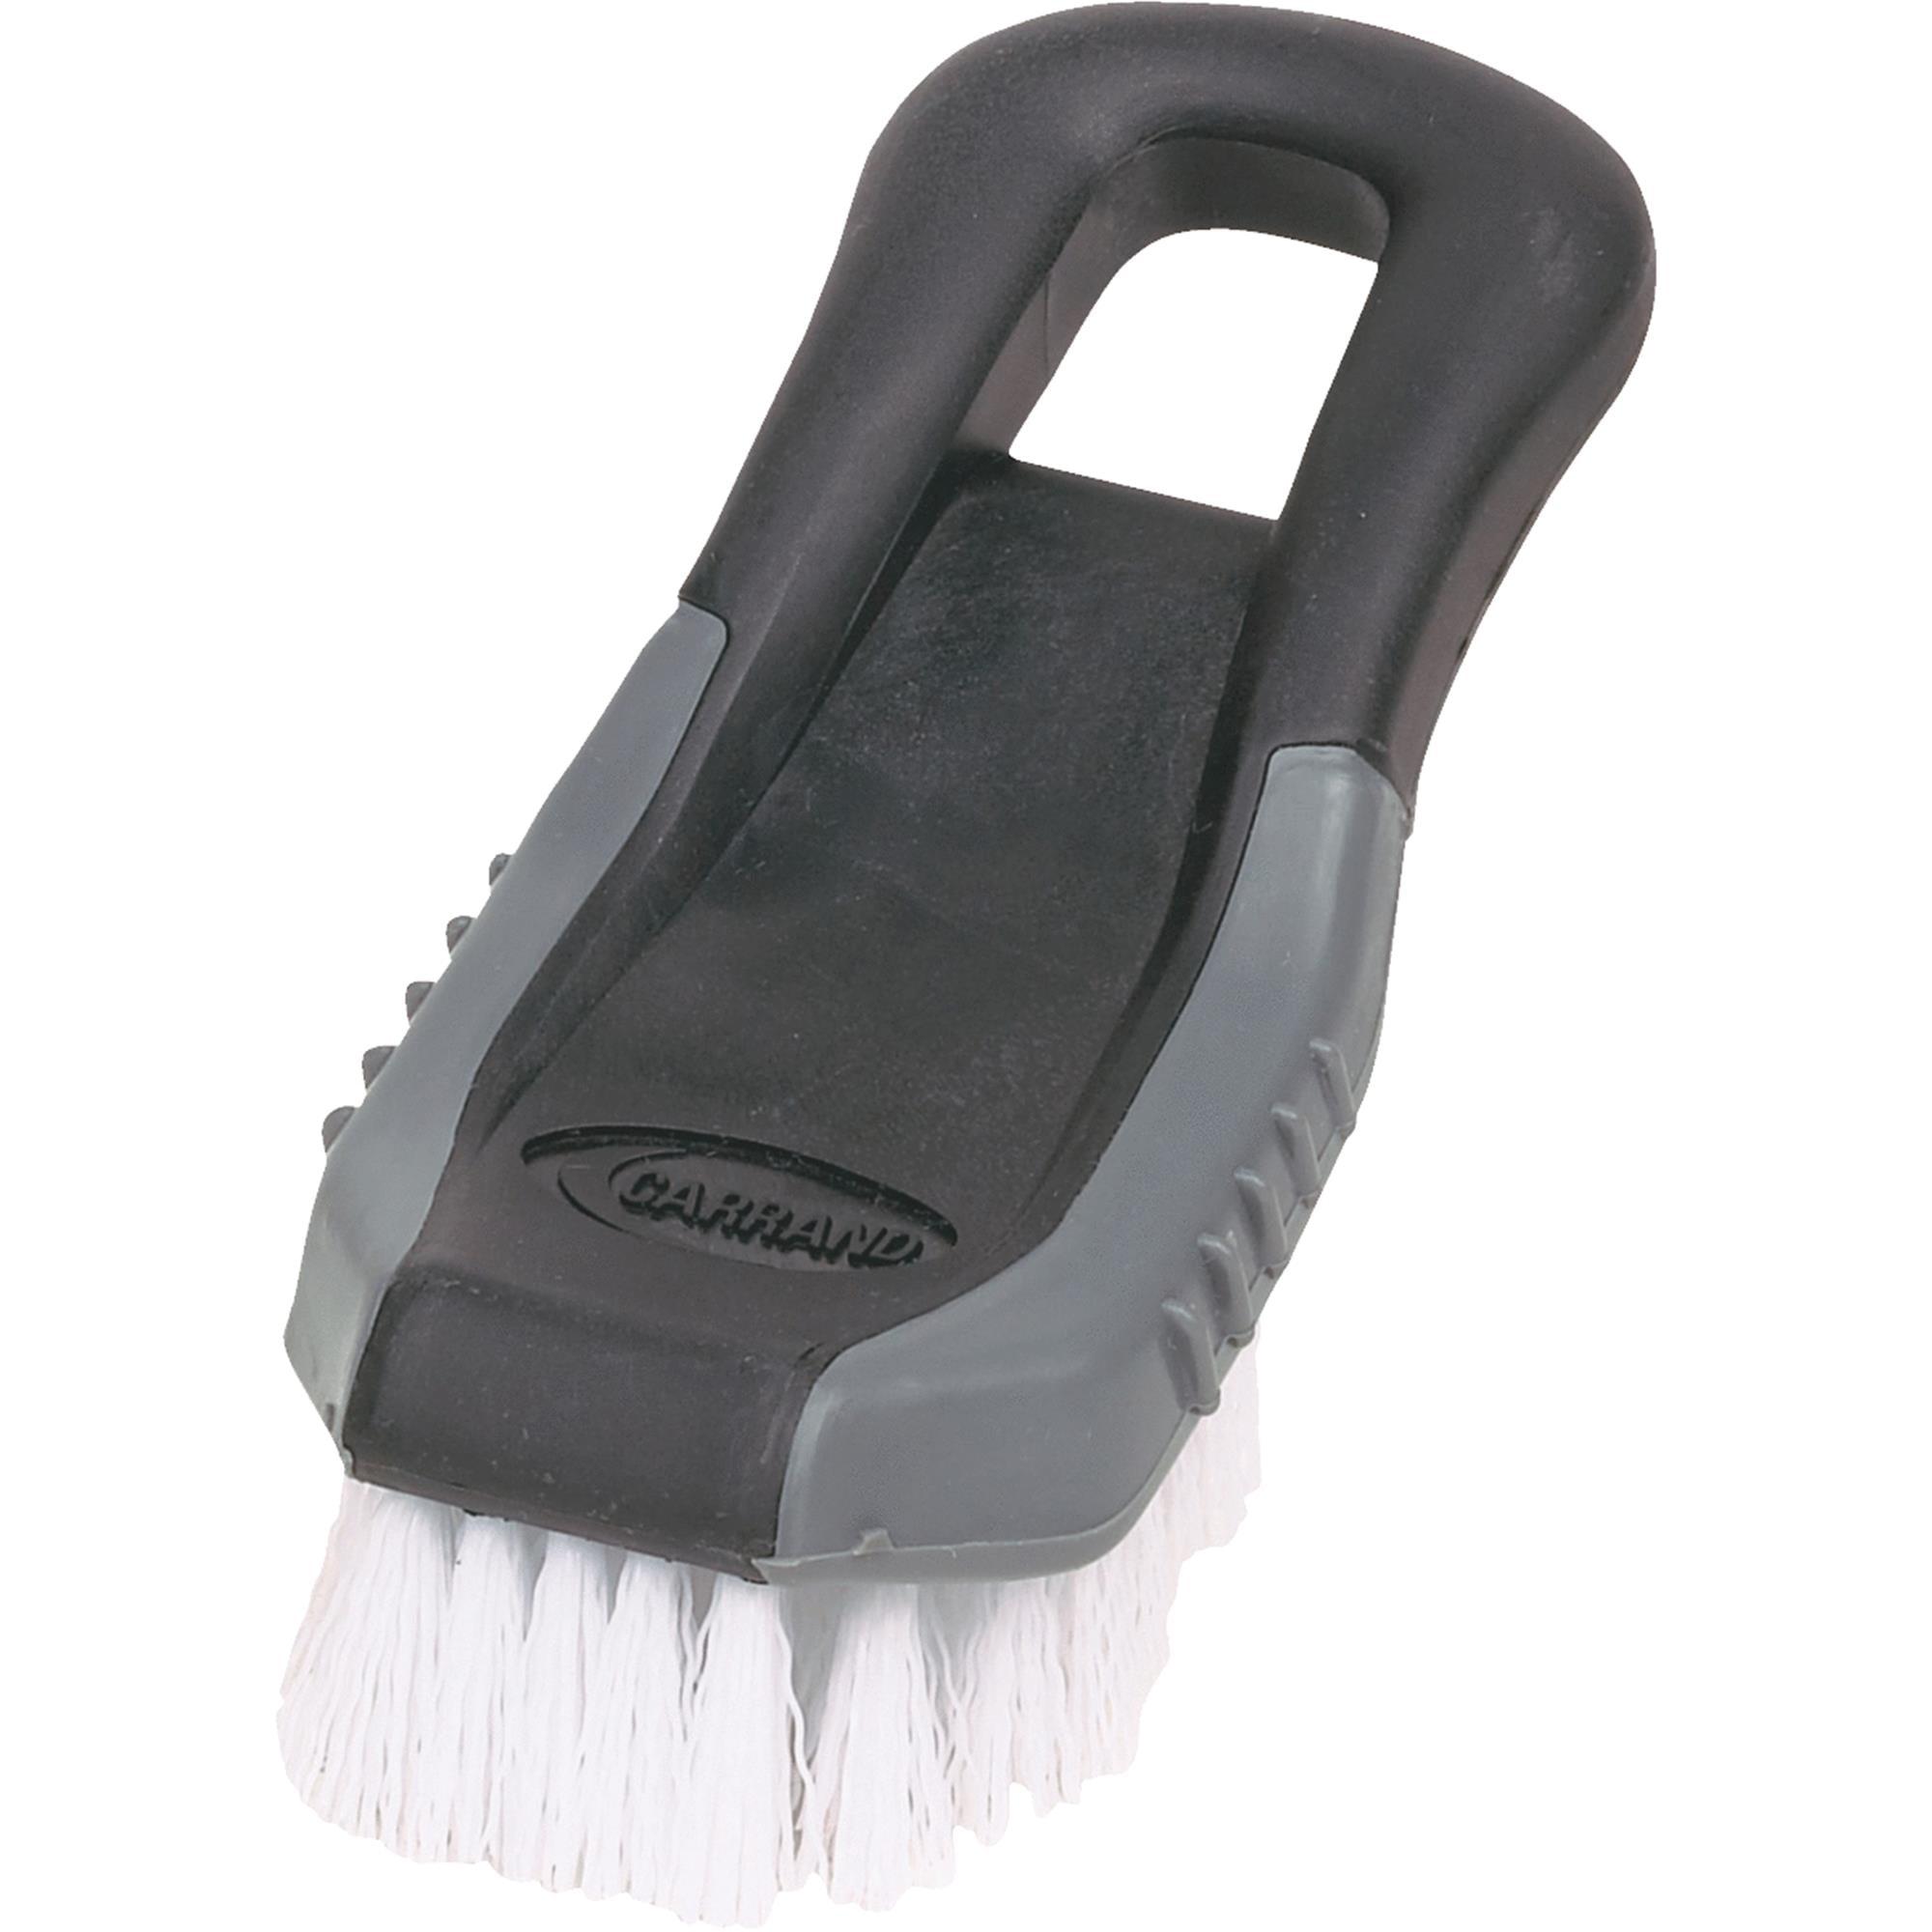 Carrand Upholstery Brush